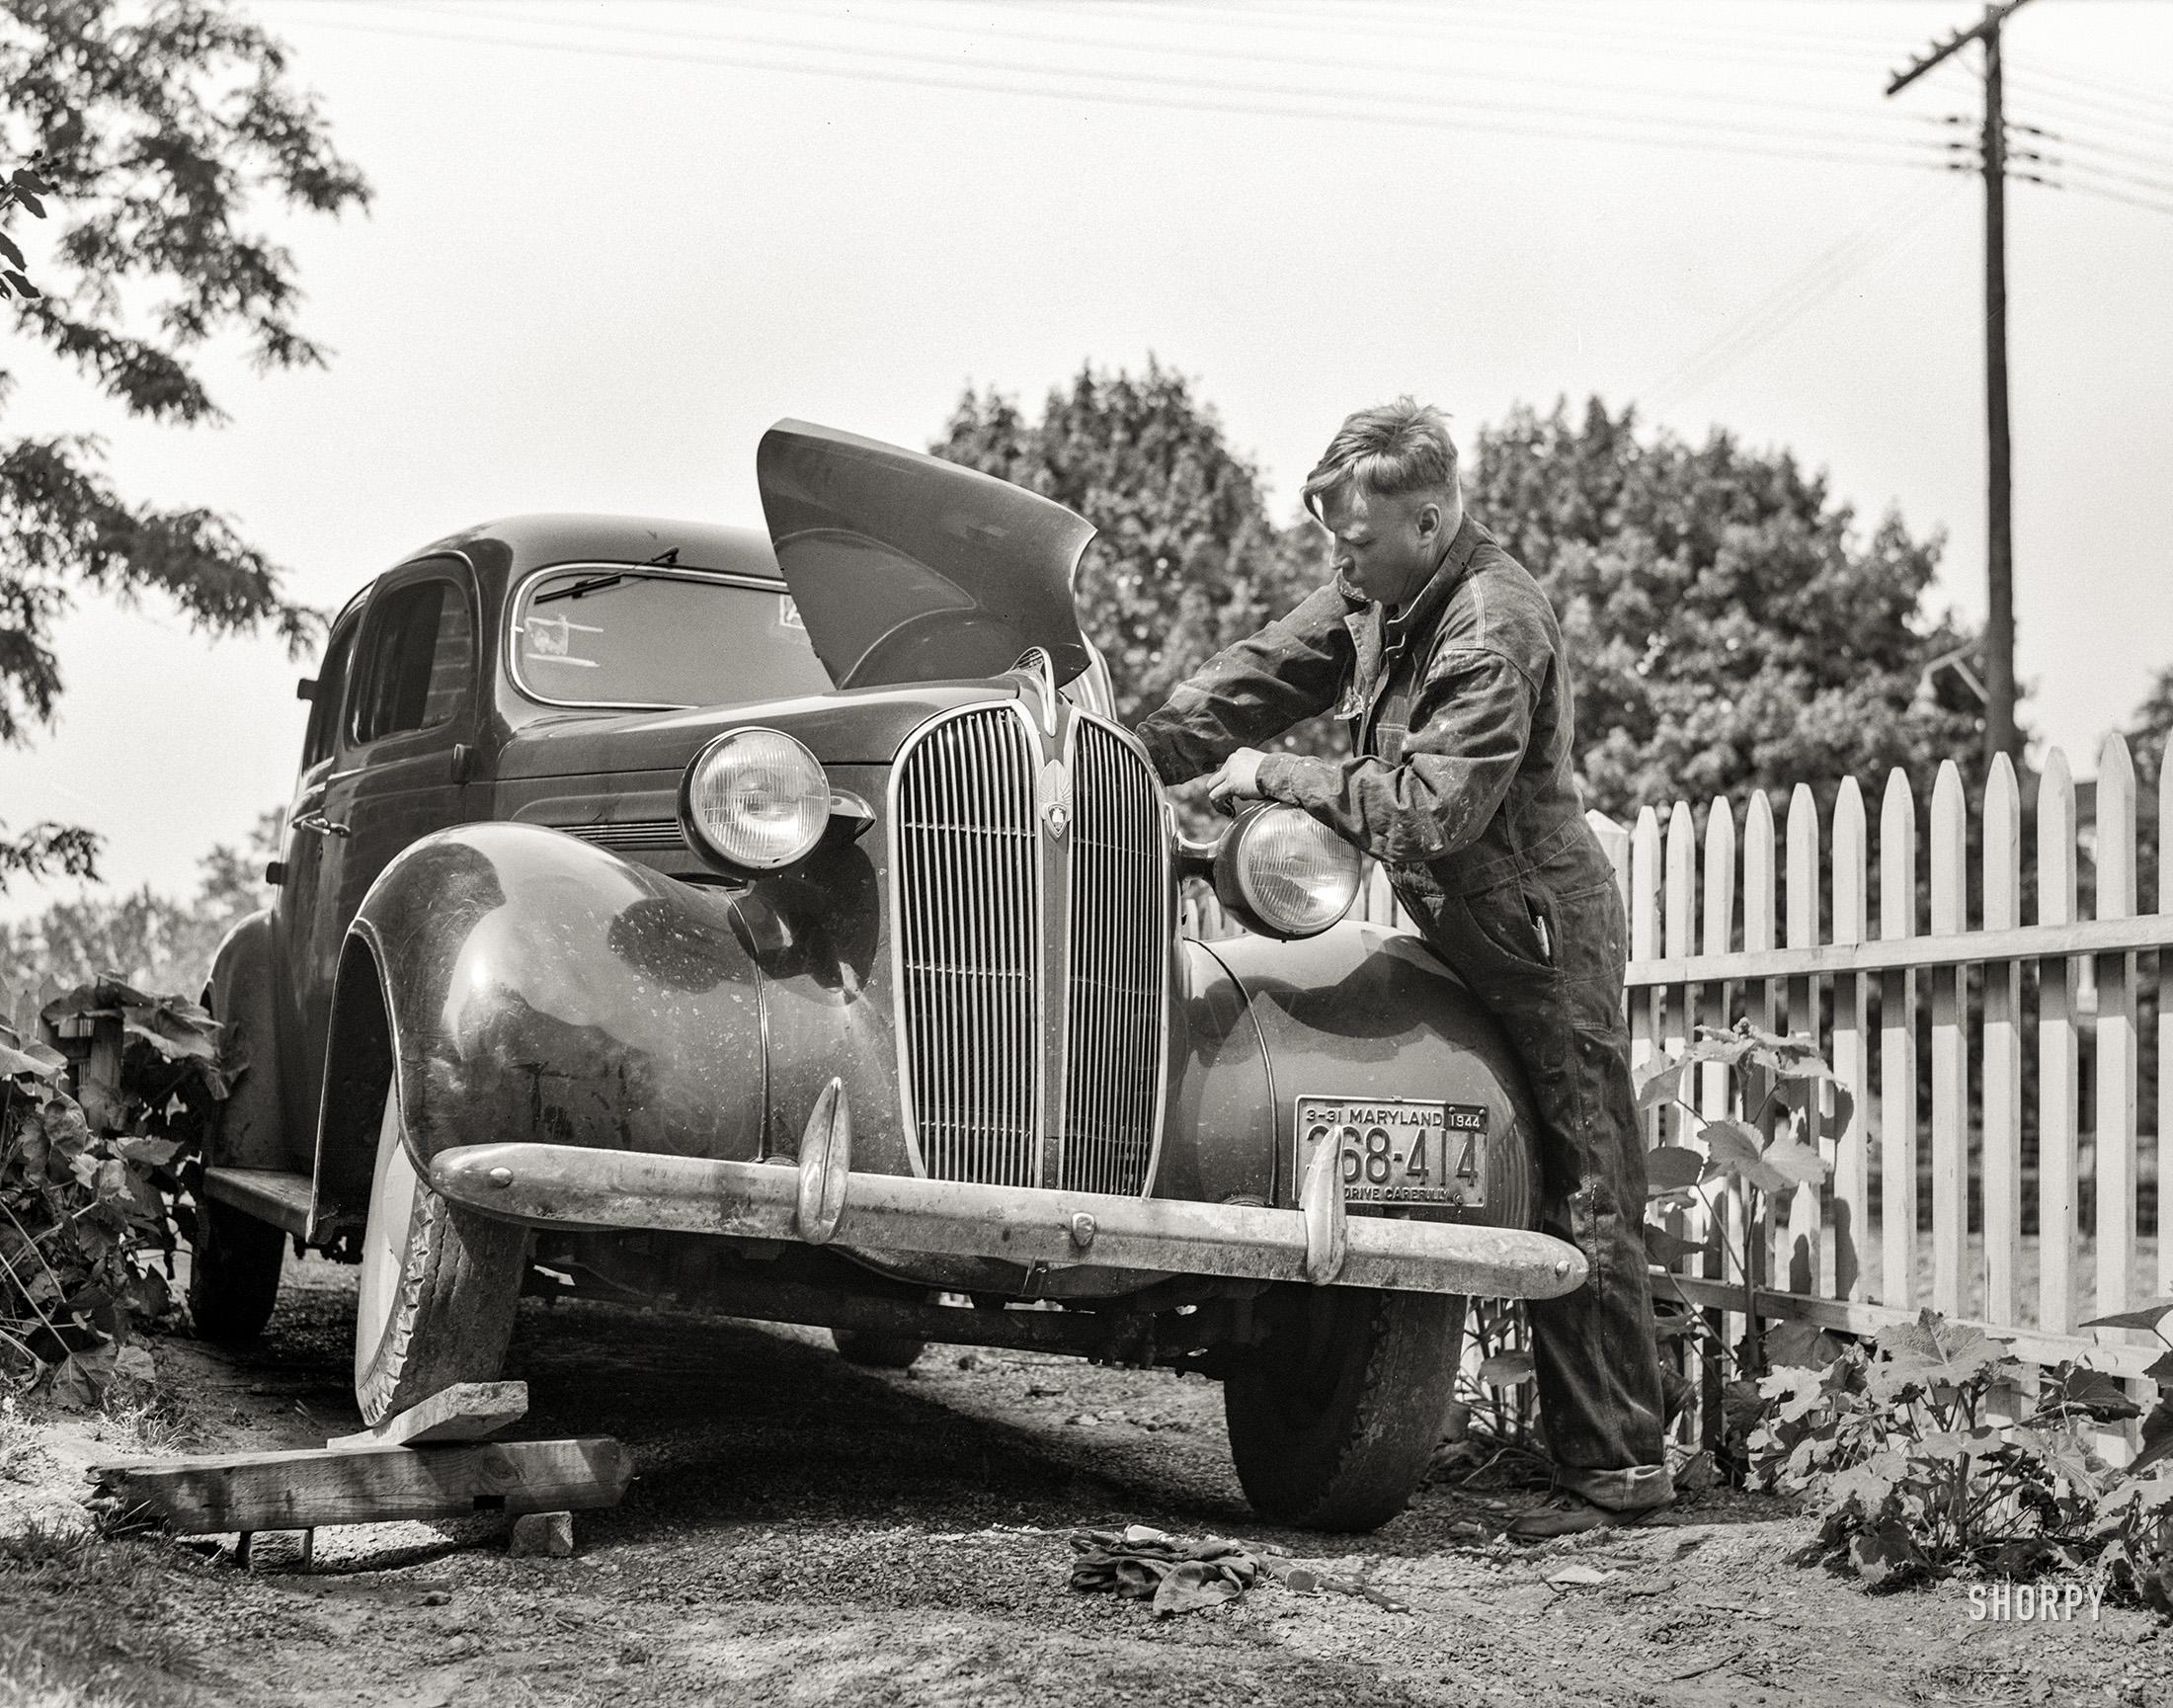 Backyard Mechanic: 1943   Shorpy   Vintage Photography